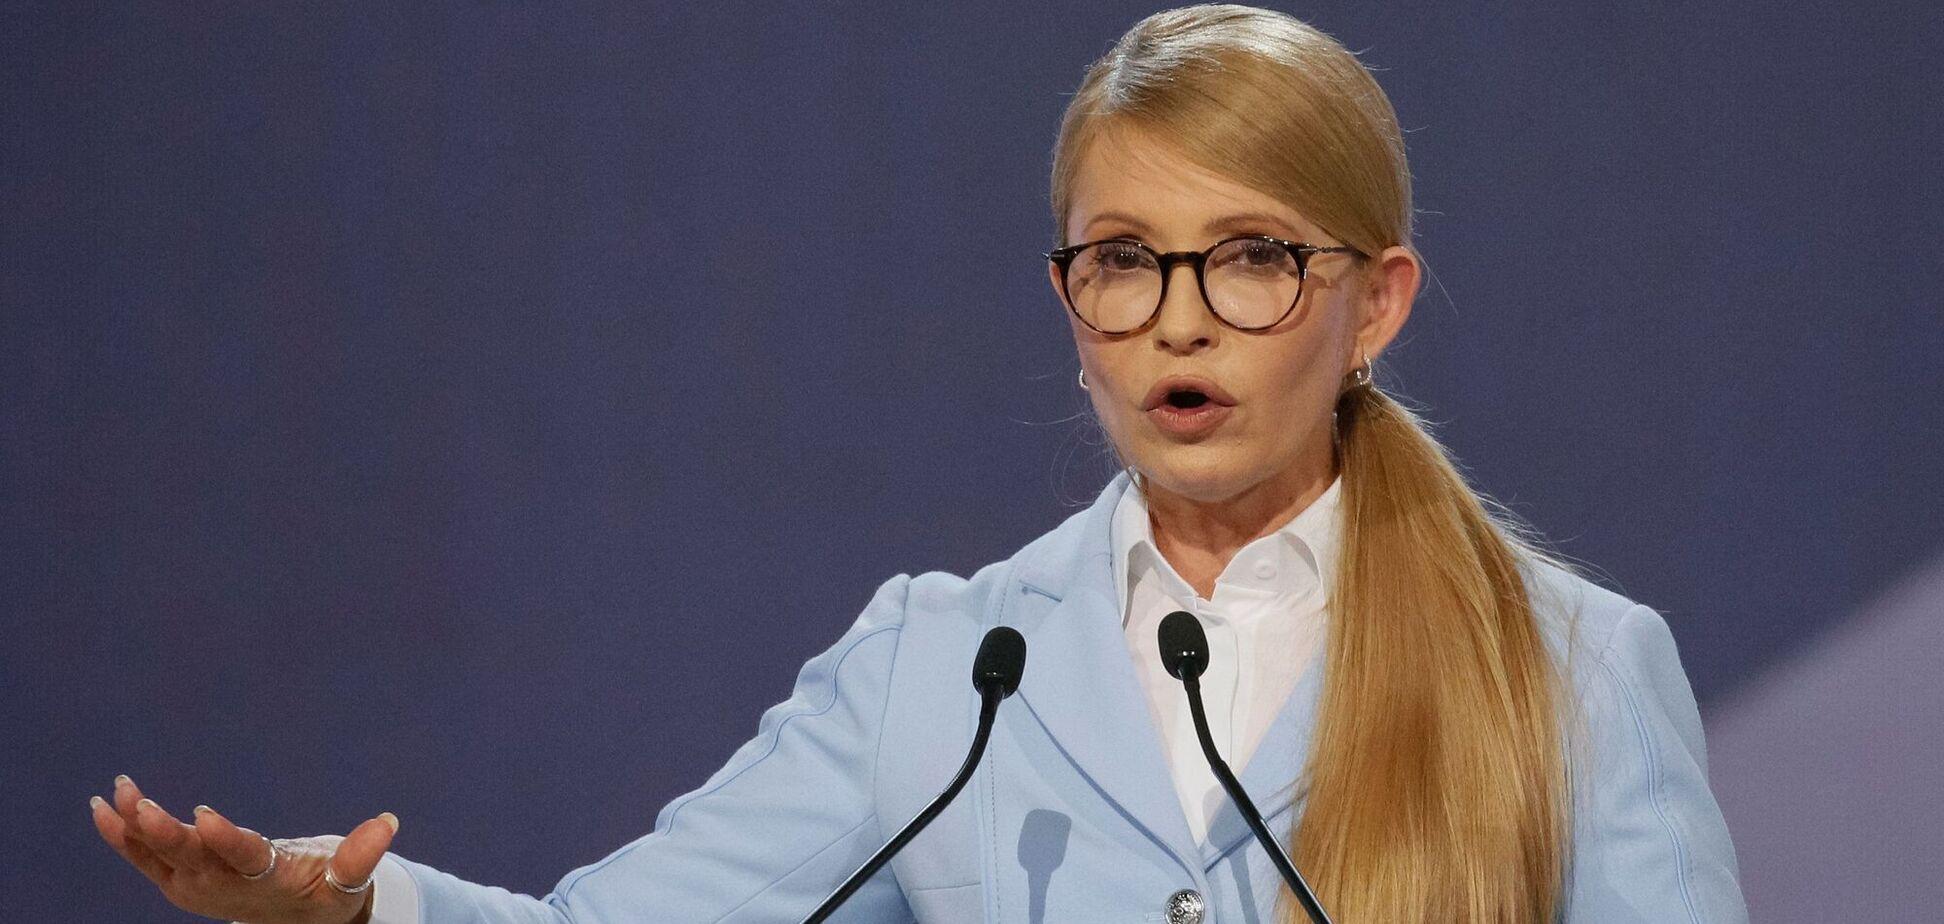 Инициативу Тимошенко по цене на газ поддержали около 500 местных советов Украины